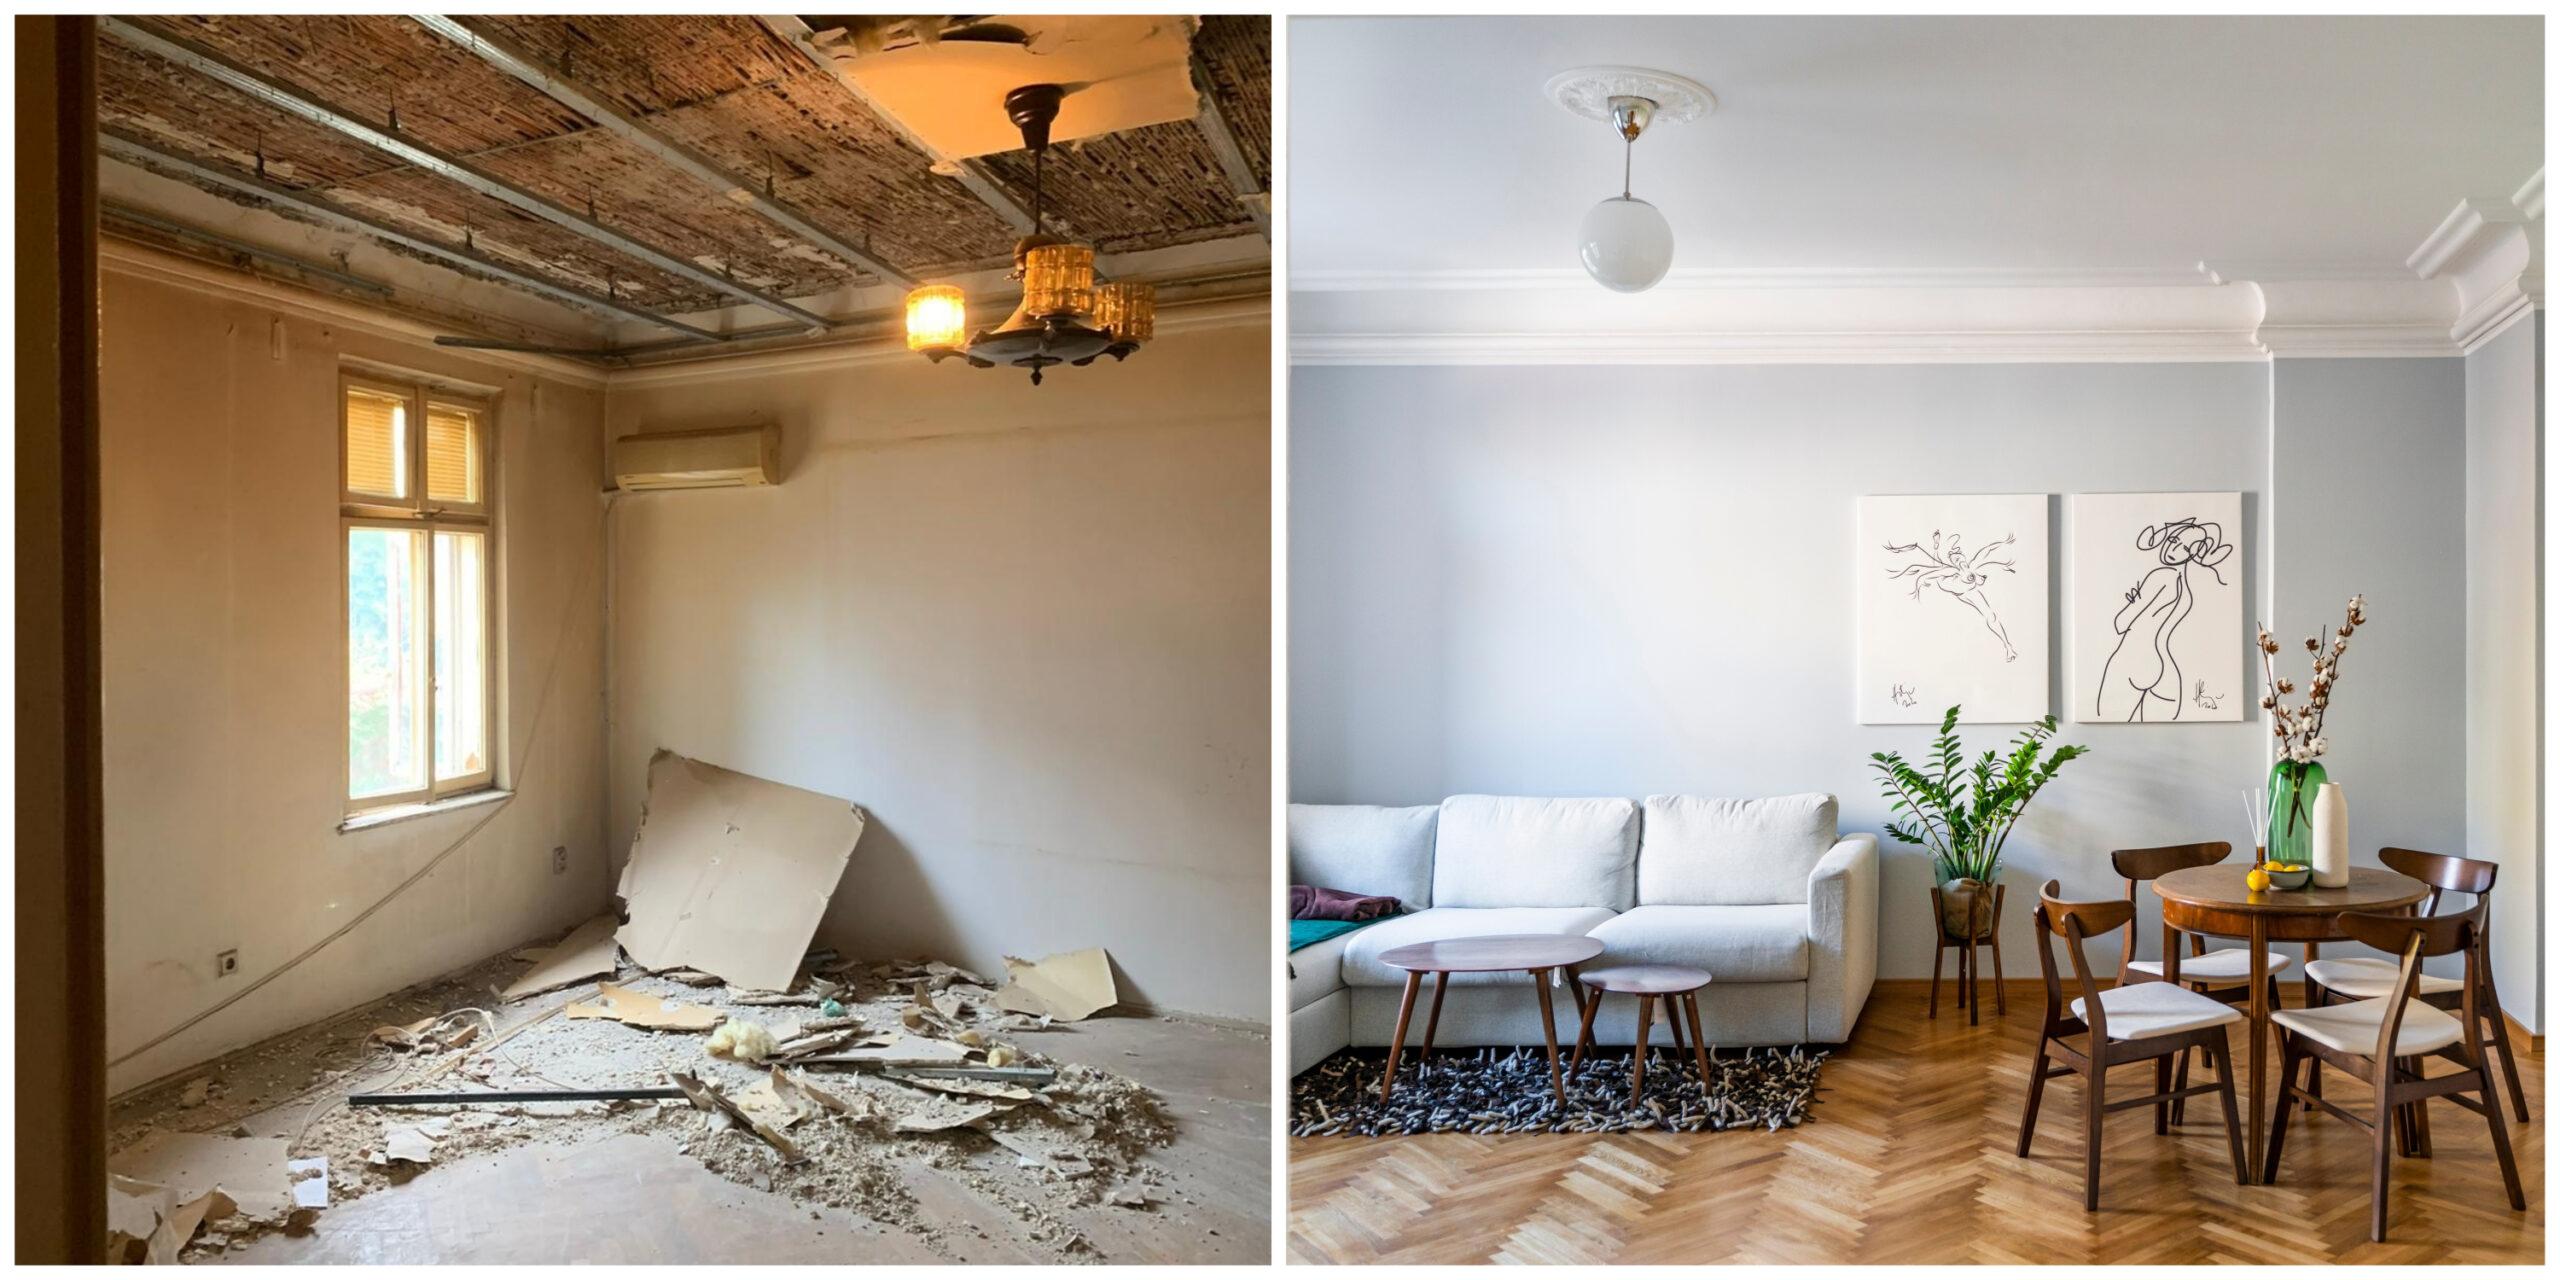 renovare apartament interbelic arhitectura bucuresti